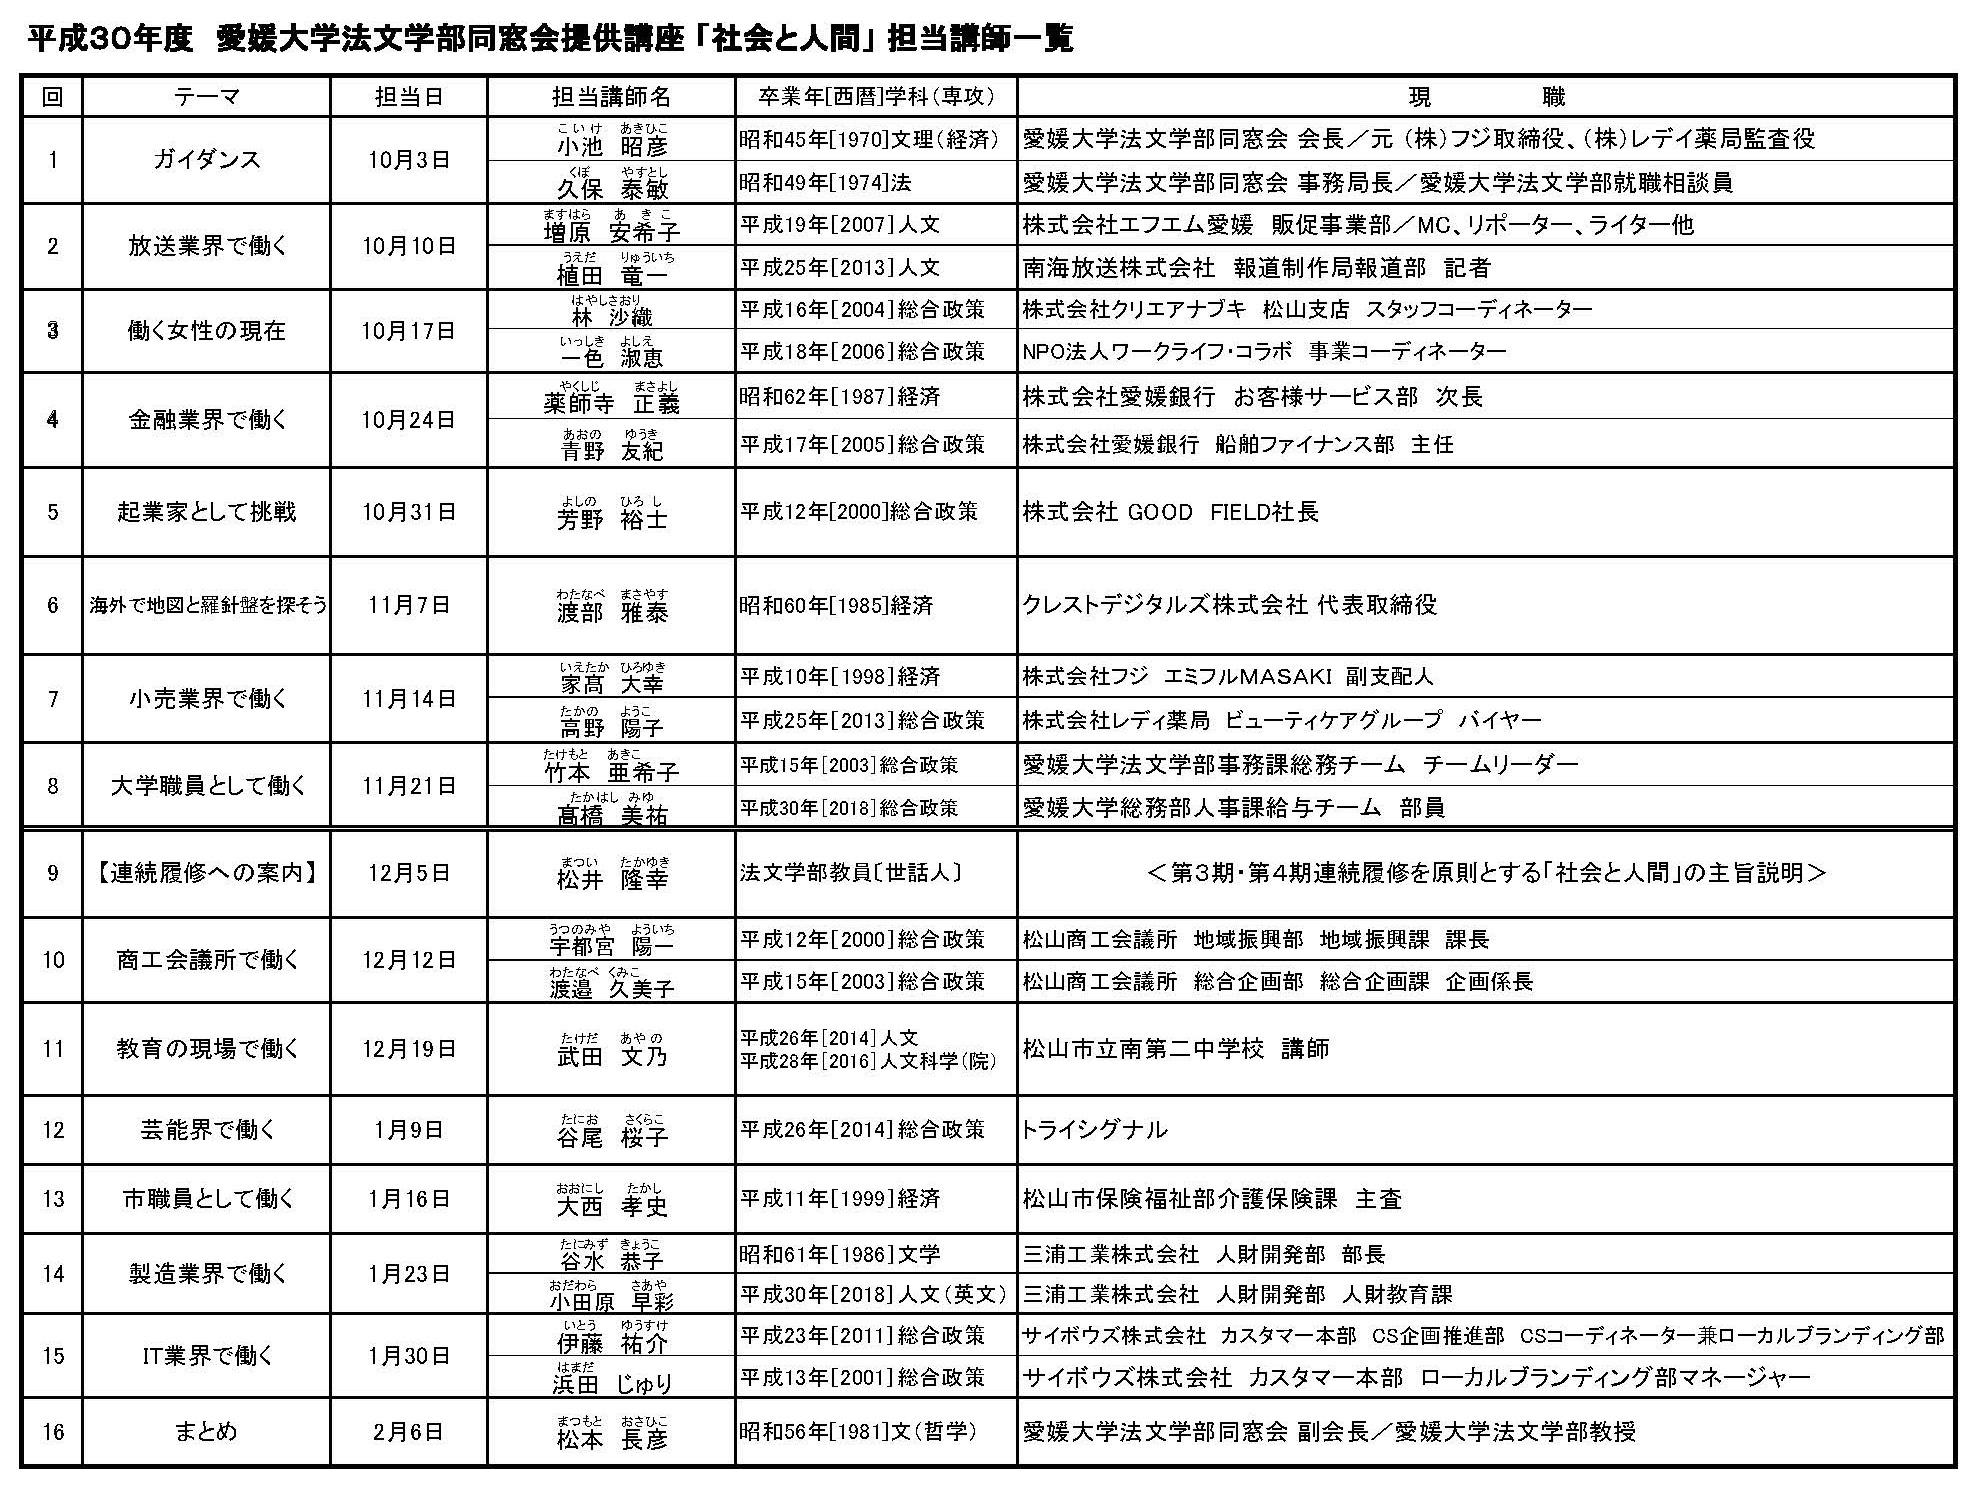 日程 愛媛 大学 授業